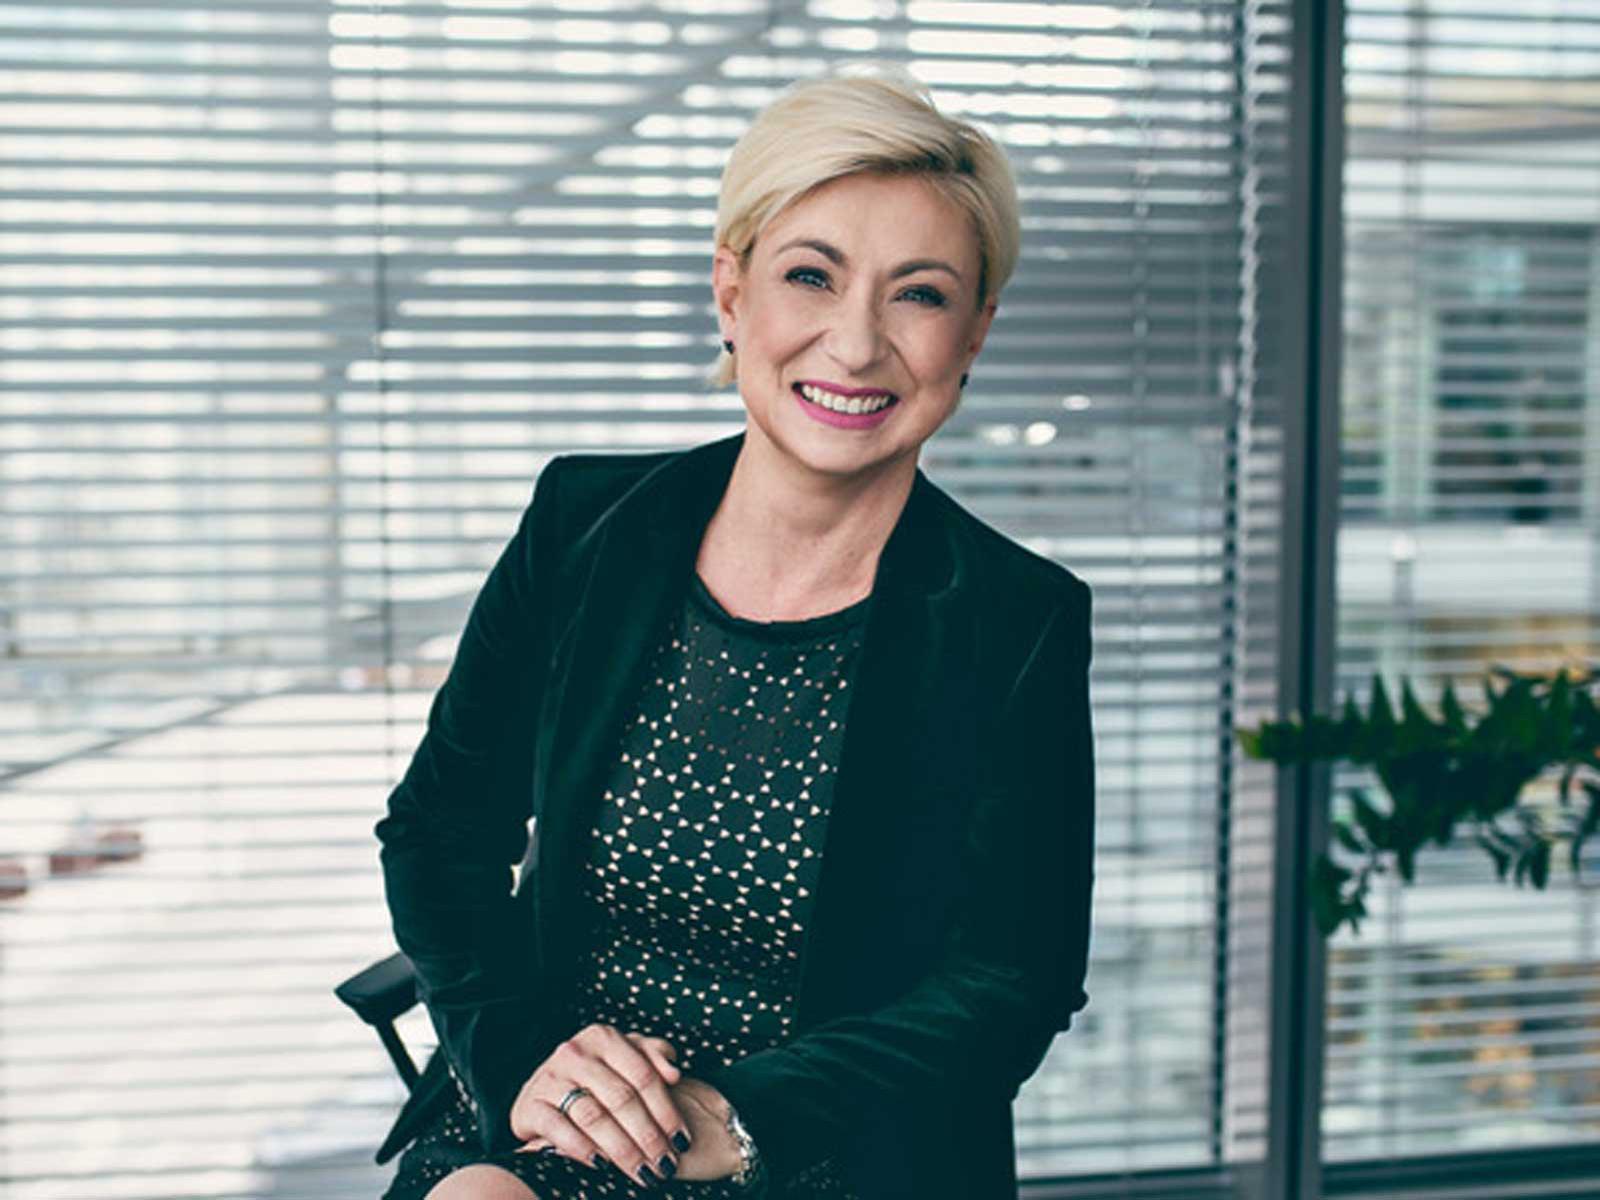 Agnieszka Wojewoda, franczyzobiorczyni Kobieta i Rozwód